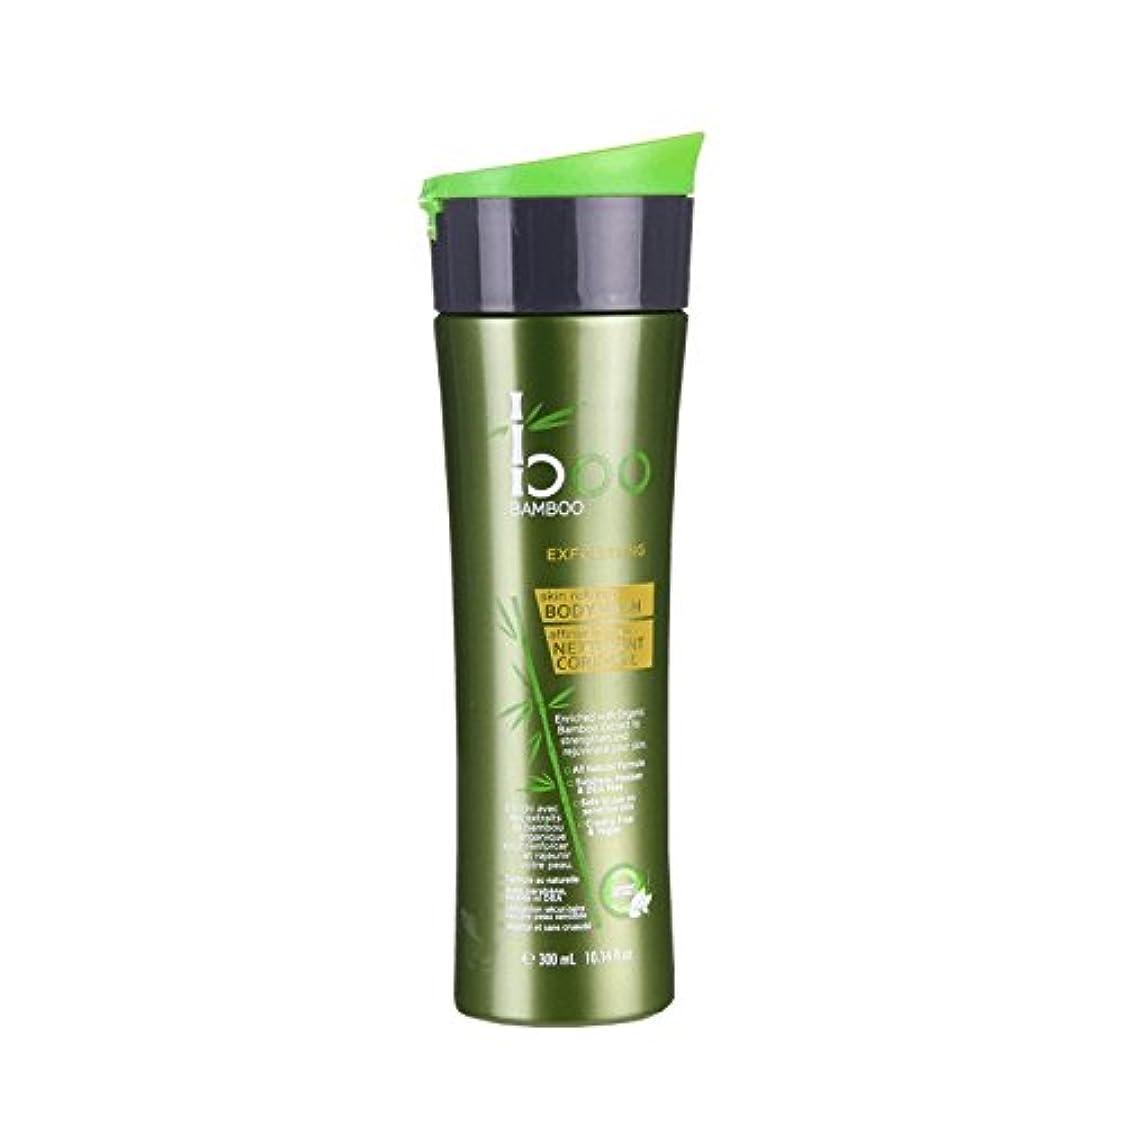 コンテンポラリー失われた荷物Boo Bamboo Exfoliating Body Wash 300ml (Pack of 2) - 竹ピーリングボディウォッシュ300ミリリットルブーイング (x2) [並行輸入品]